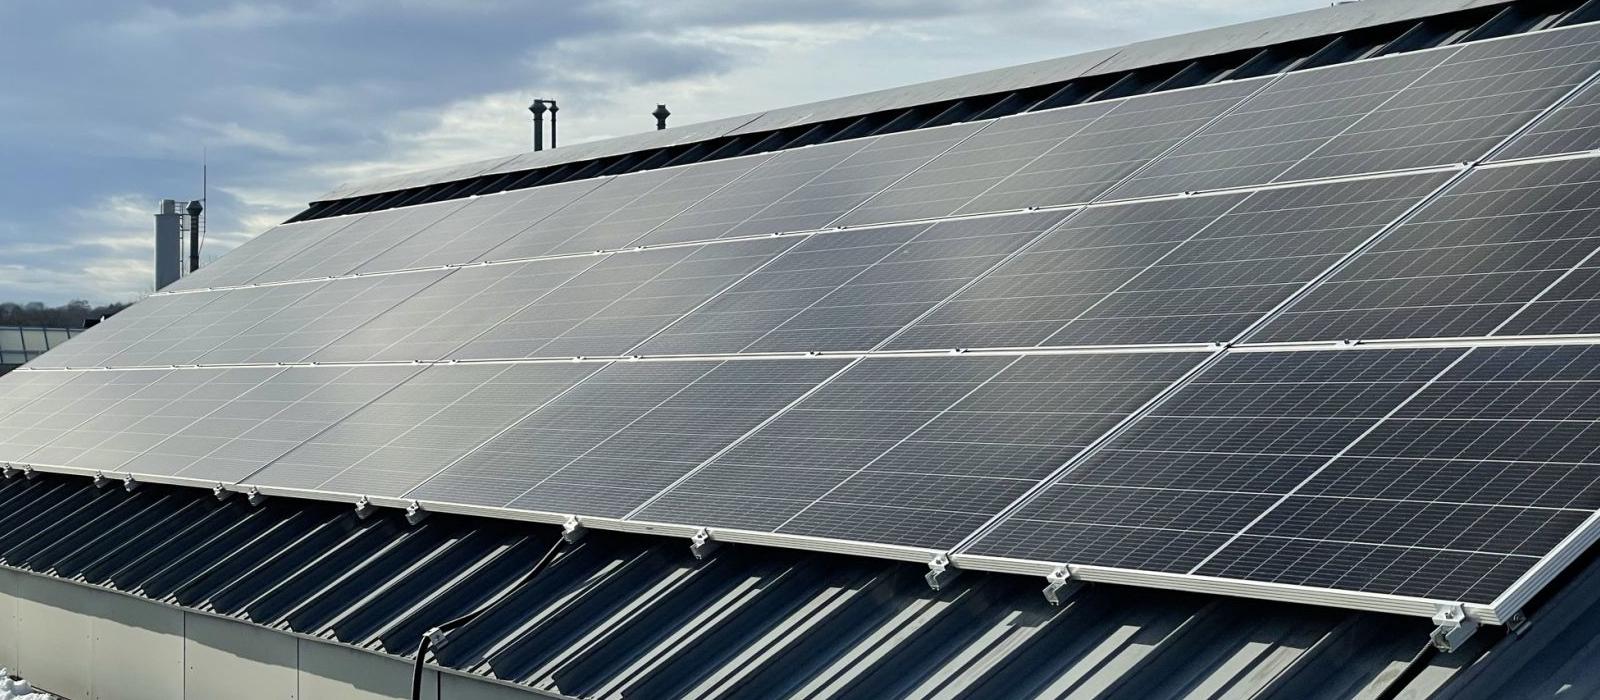 Photovoltaik Platten auf dem Dach des Rechengebaeudes